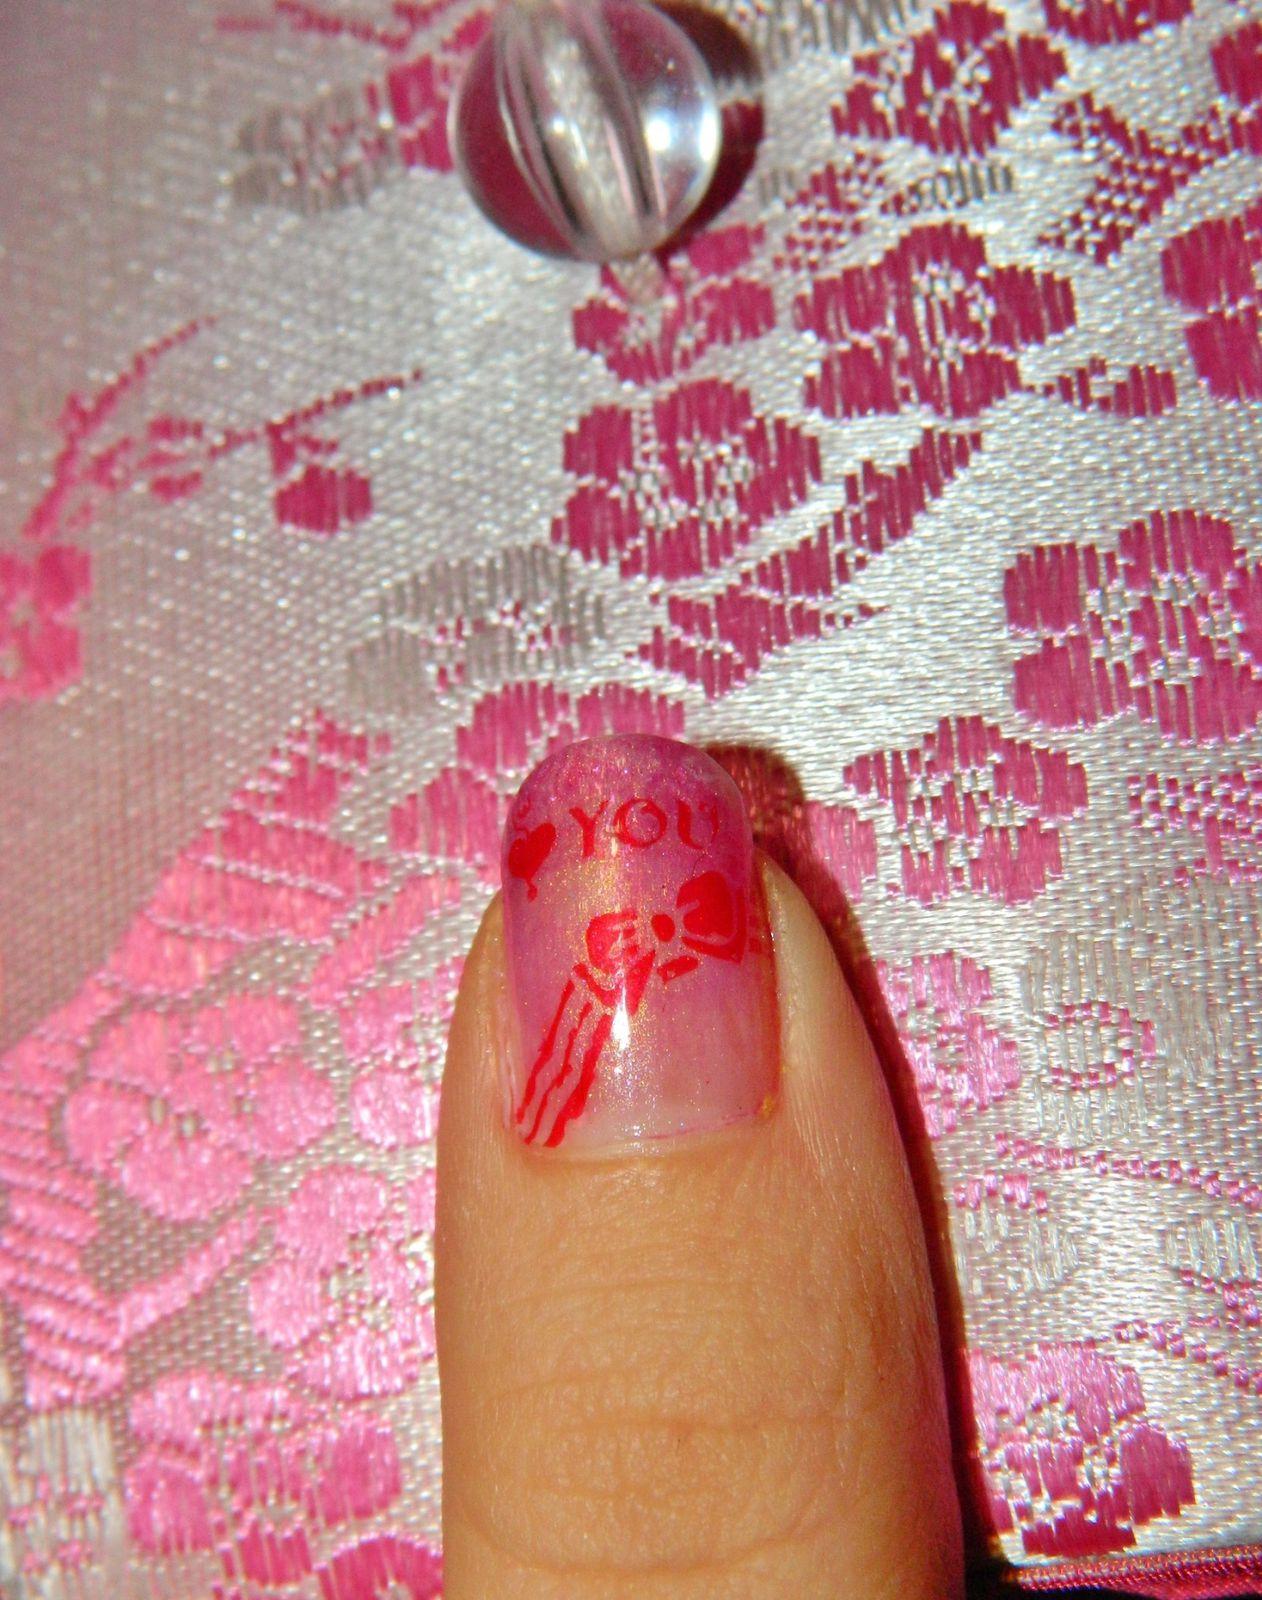 Arg!! Malheur!!! J'ai eu la très mauvaise idée de faire mon nail art juste avant mon premier cours de piscine sous prétexte que j'avais du temps libre T~T A ne JAMAIS faire. Résultat? Ben comme vous vous en doutez mon vernis c'est écaillé ce qui me fait de gros trous sur les ongles que je vais essayée de reboucher T.T